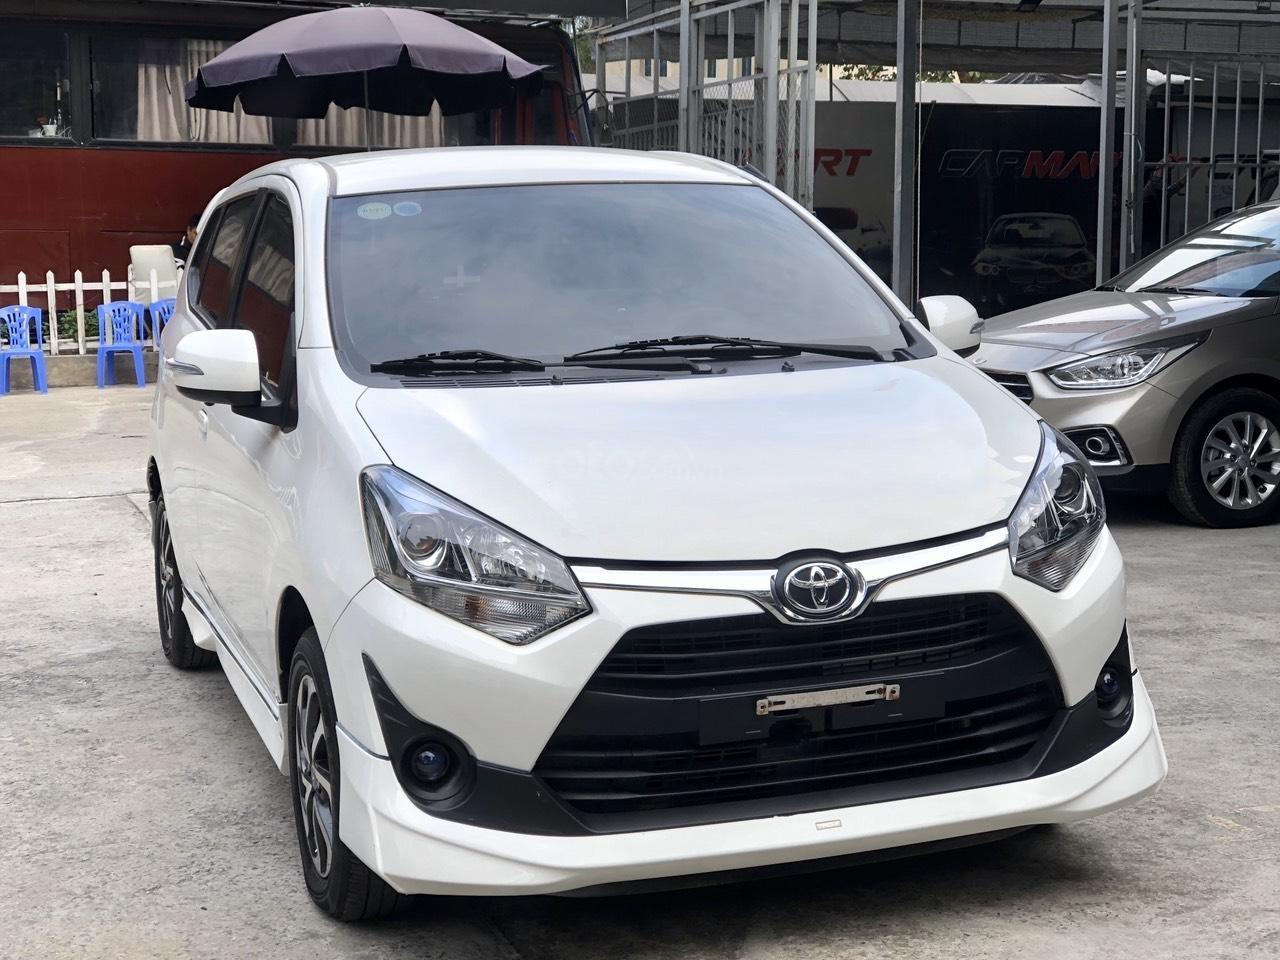 Toyota Wigo 1.2 G AT 2018, màu trắng, số tự động, trả góp (4)